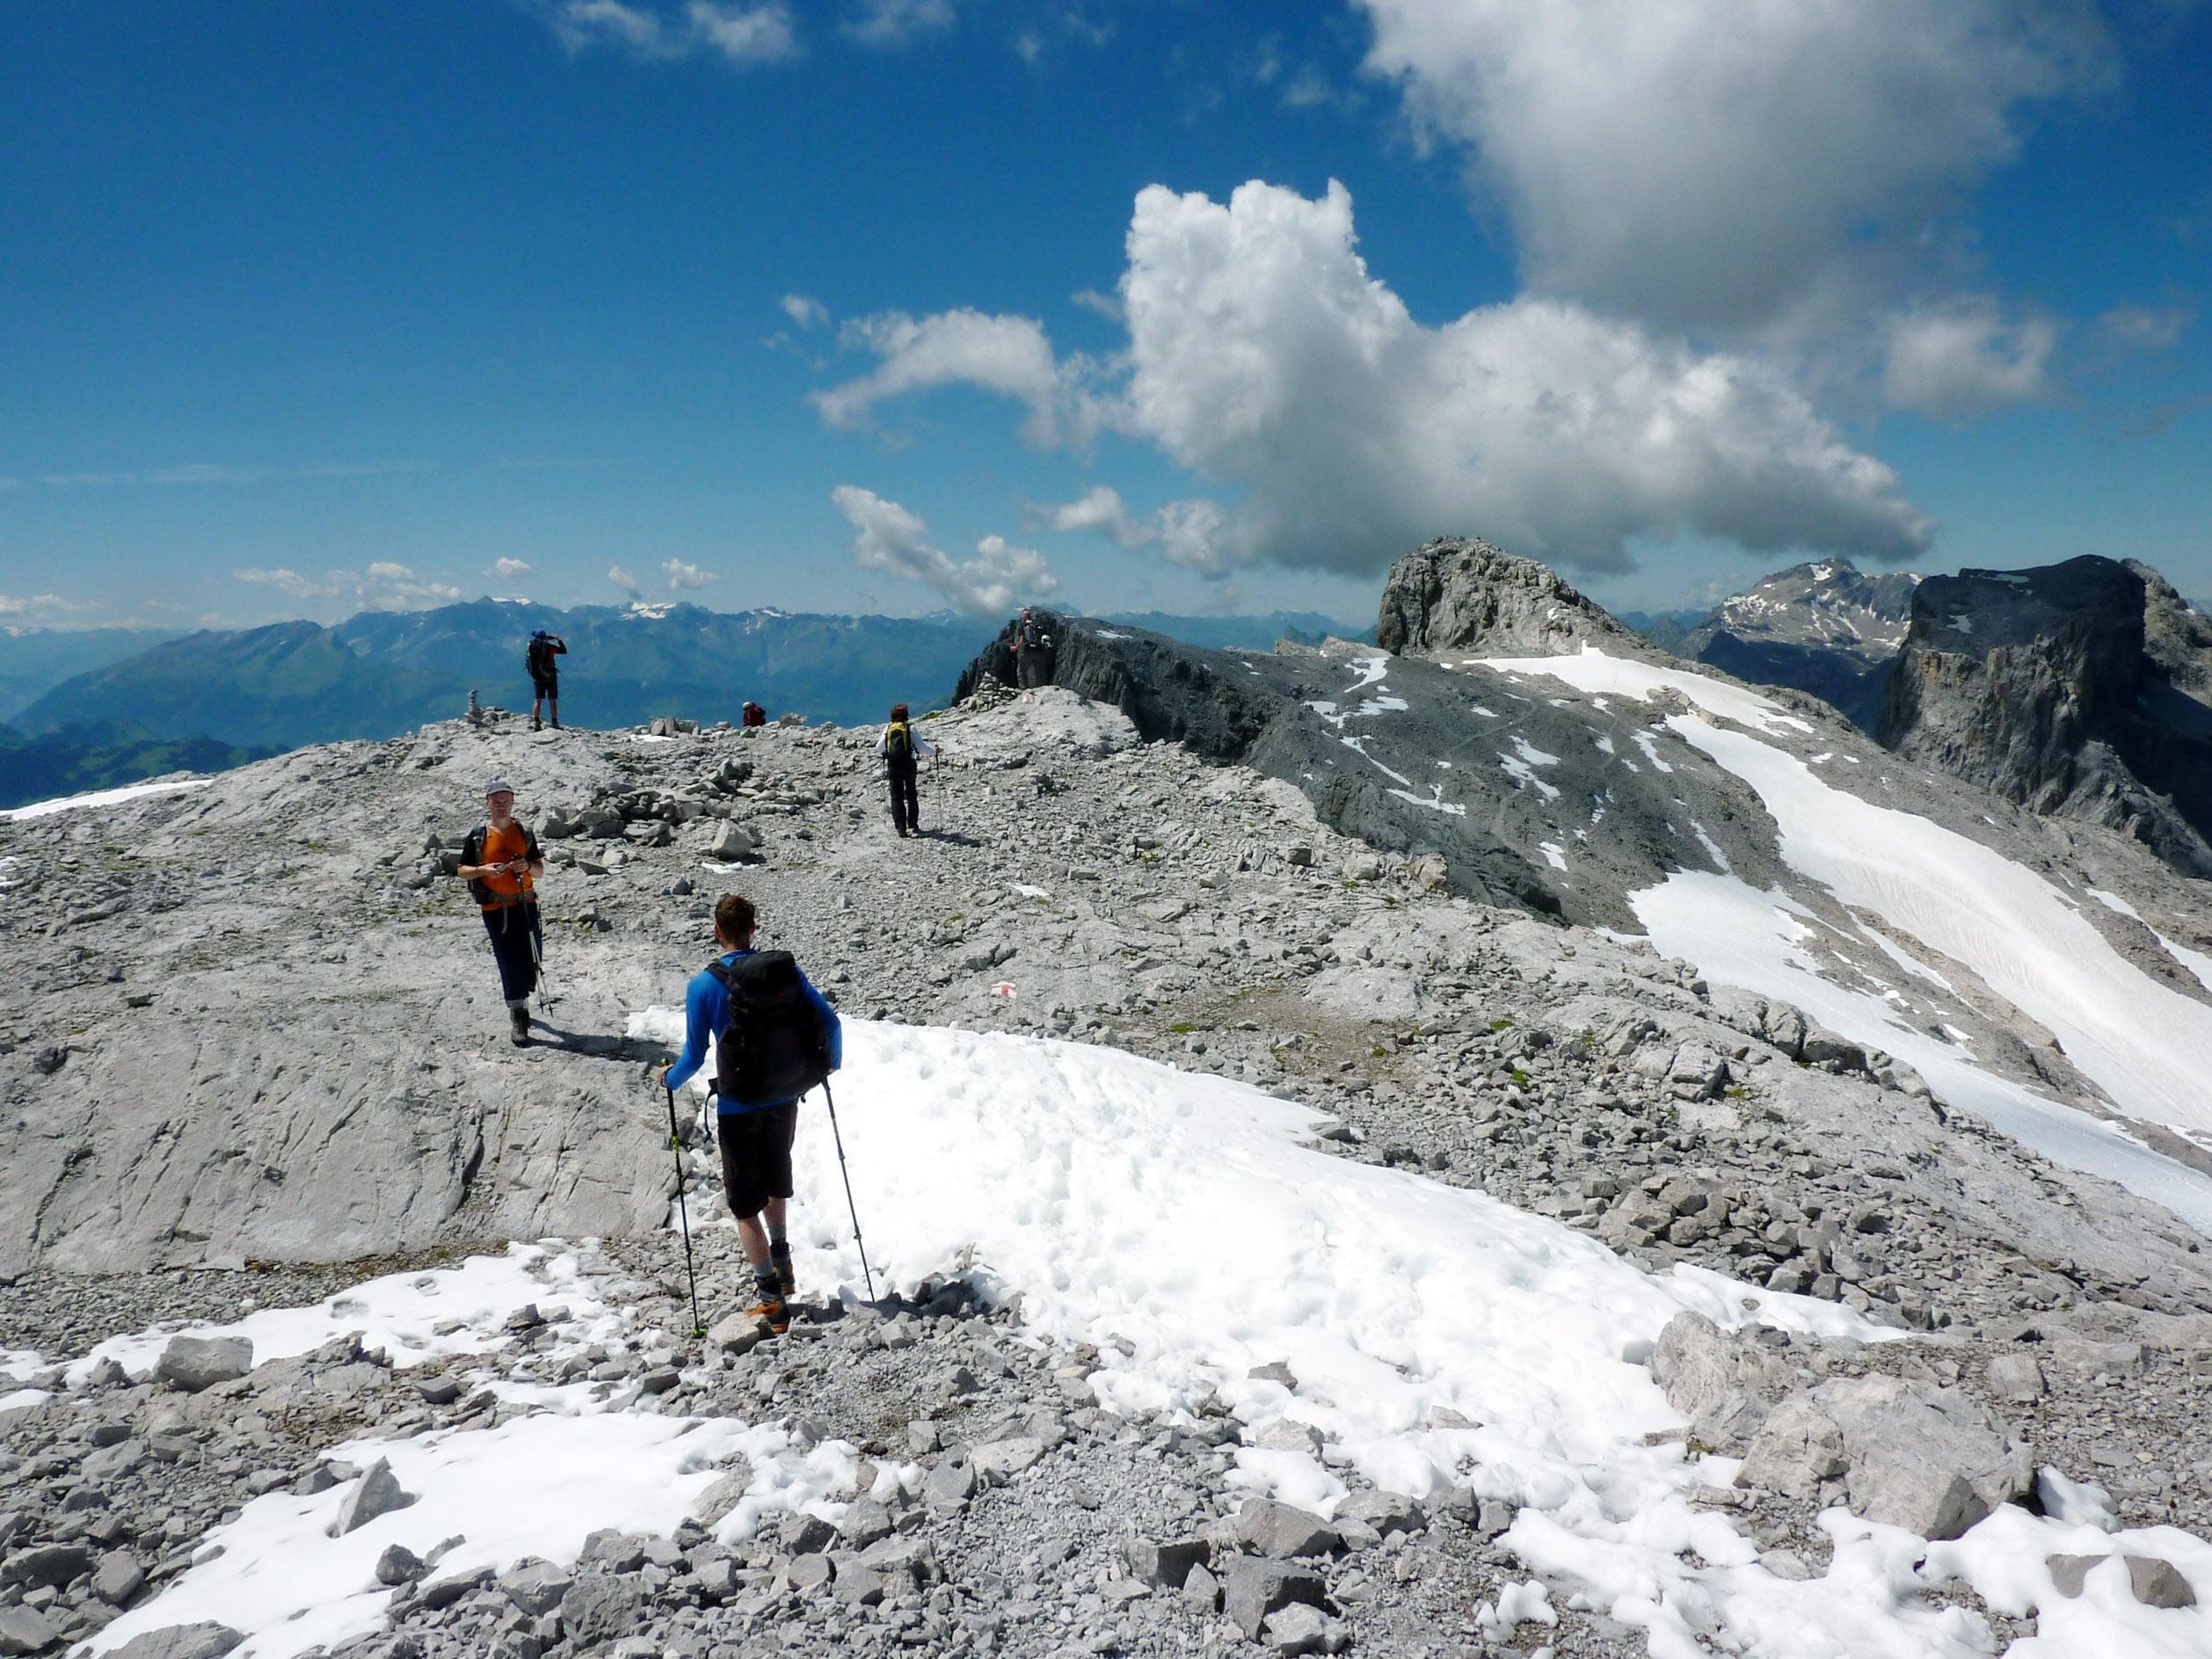 Reiseteilnehmer haben einen Gipfel erreicht und genießen den Ausblick